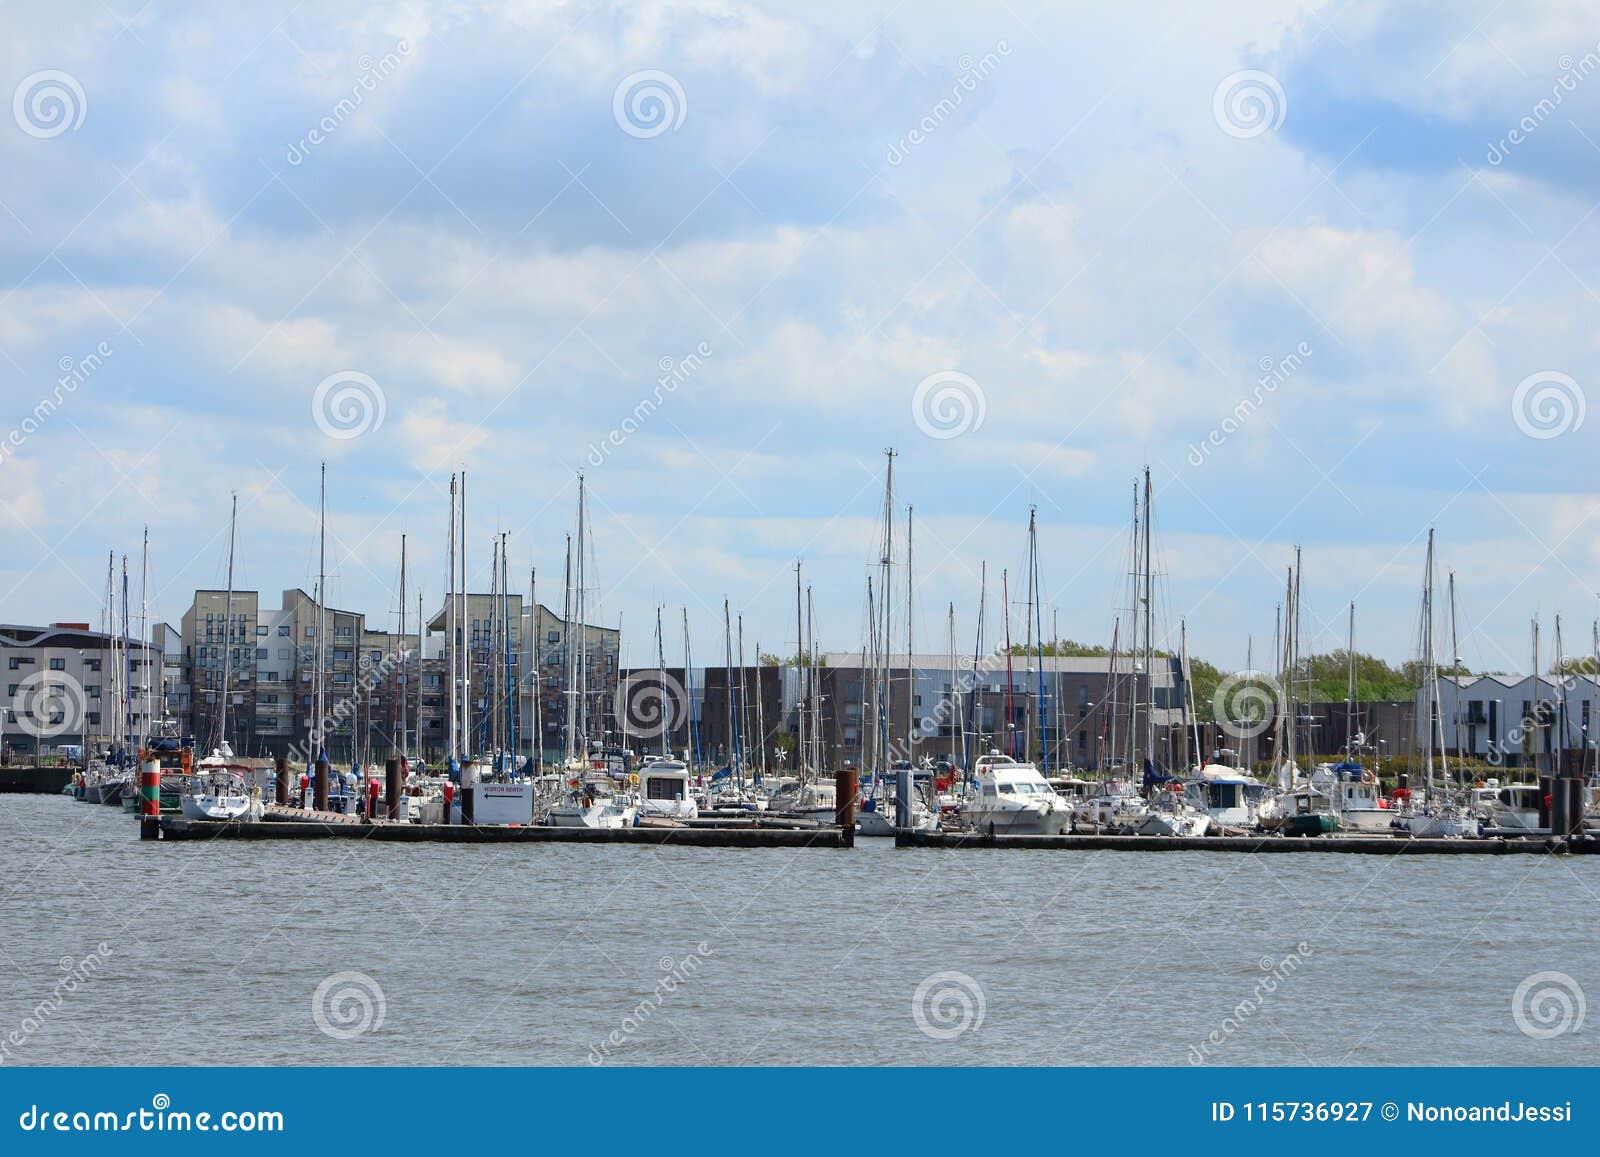 风船和游艇被停泊在小游艇船坞